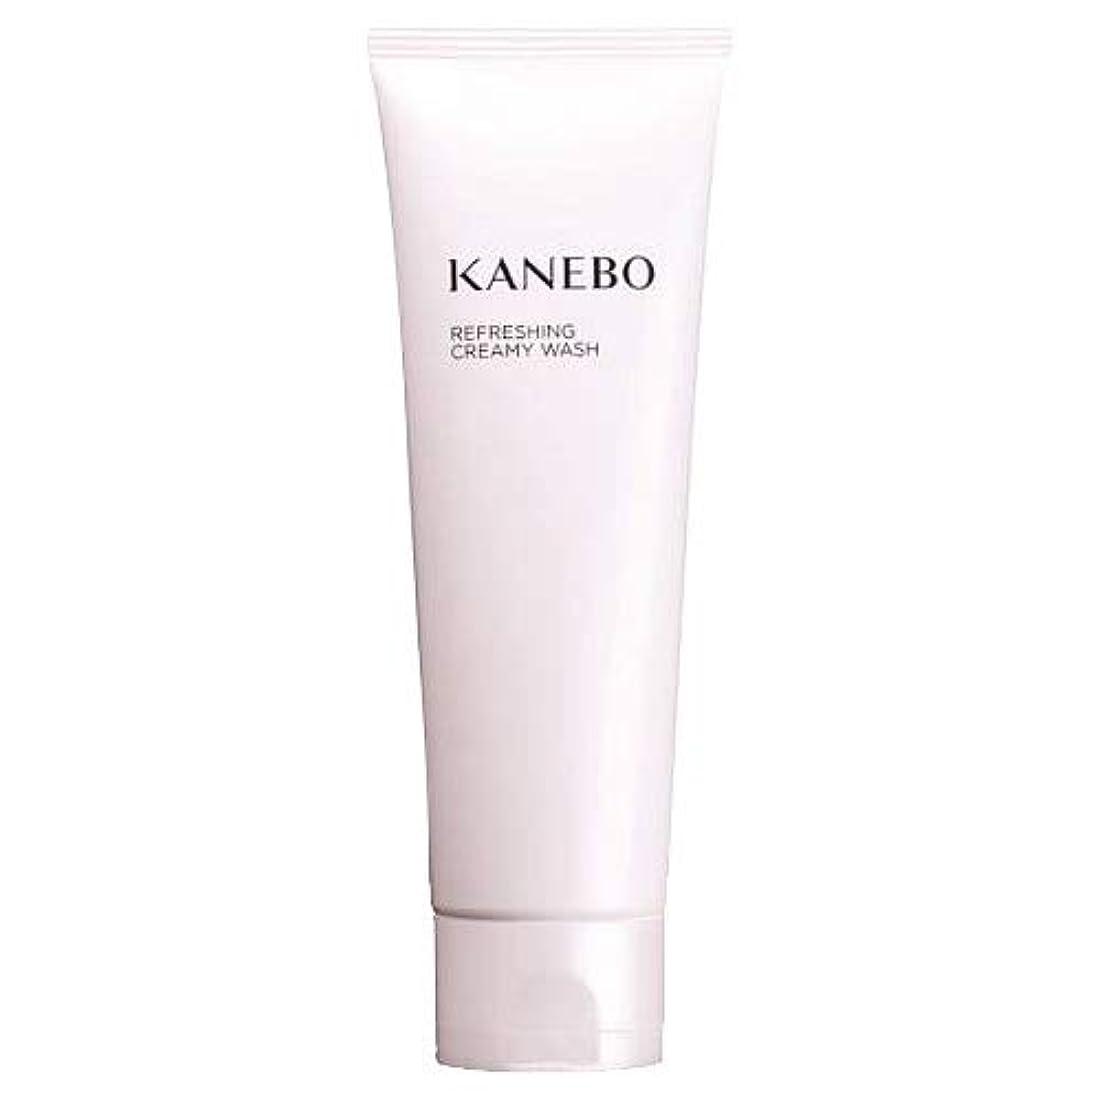 クモ事故制限するカネボウ KANEBO 洗顔フォーム リフレッシングクリーミィウォッシュ 120ml :宅急便対応 送料無料 再入荷10 [並行輸入品]